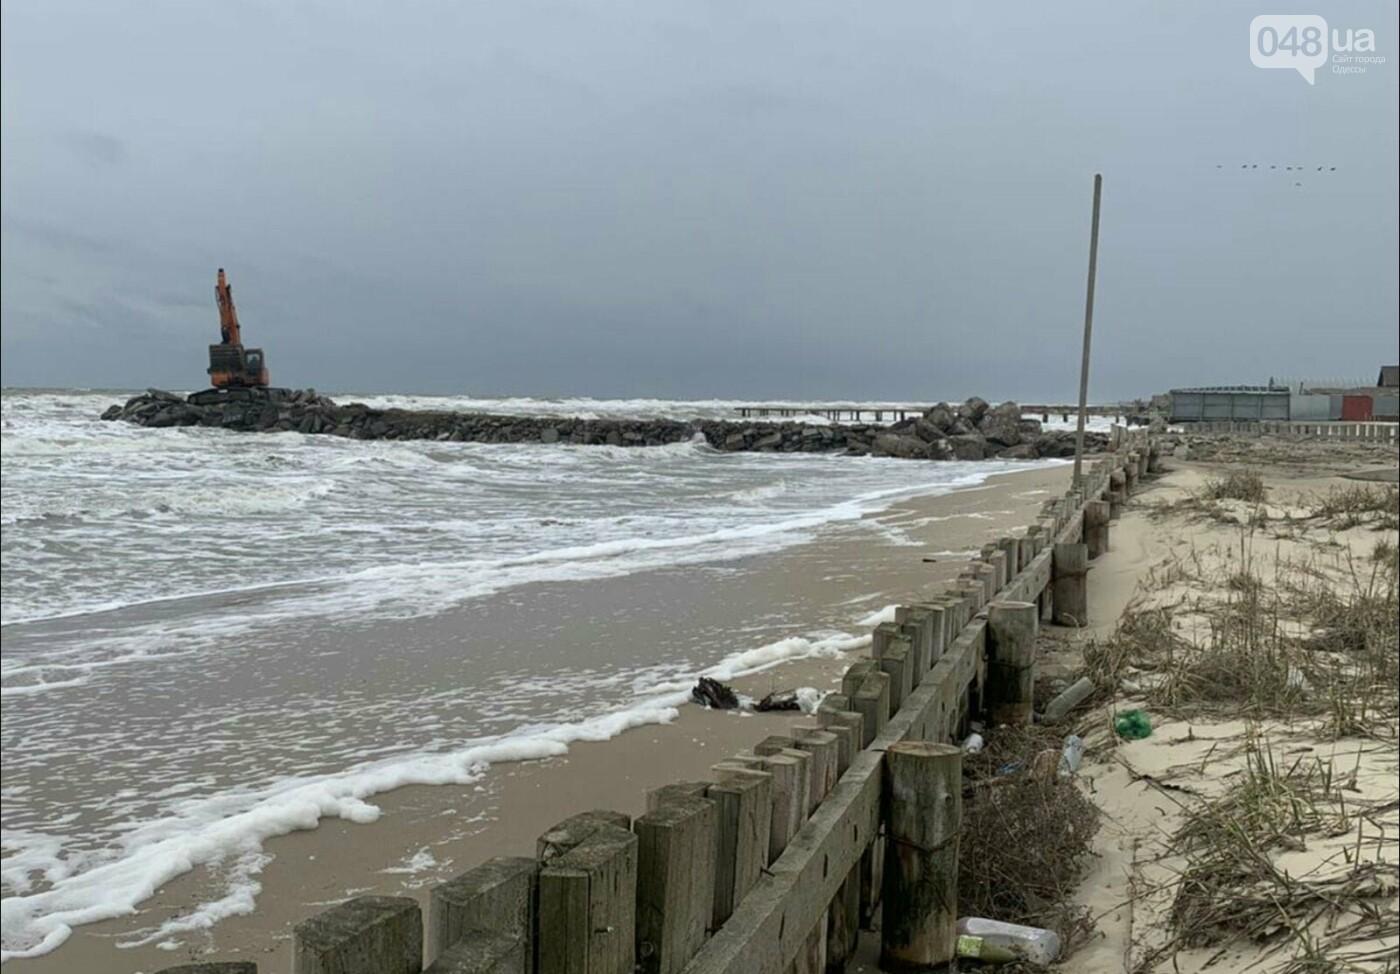 Экологическая катастрофа: в Одесской области нависла угроза обрушения склонов, - ФОТО, фото-3